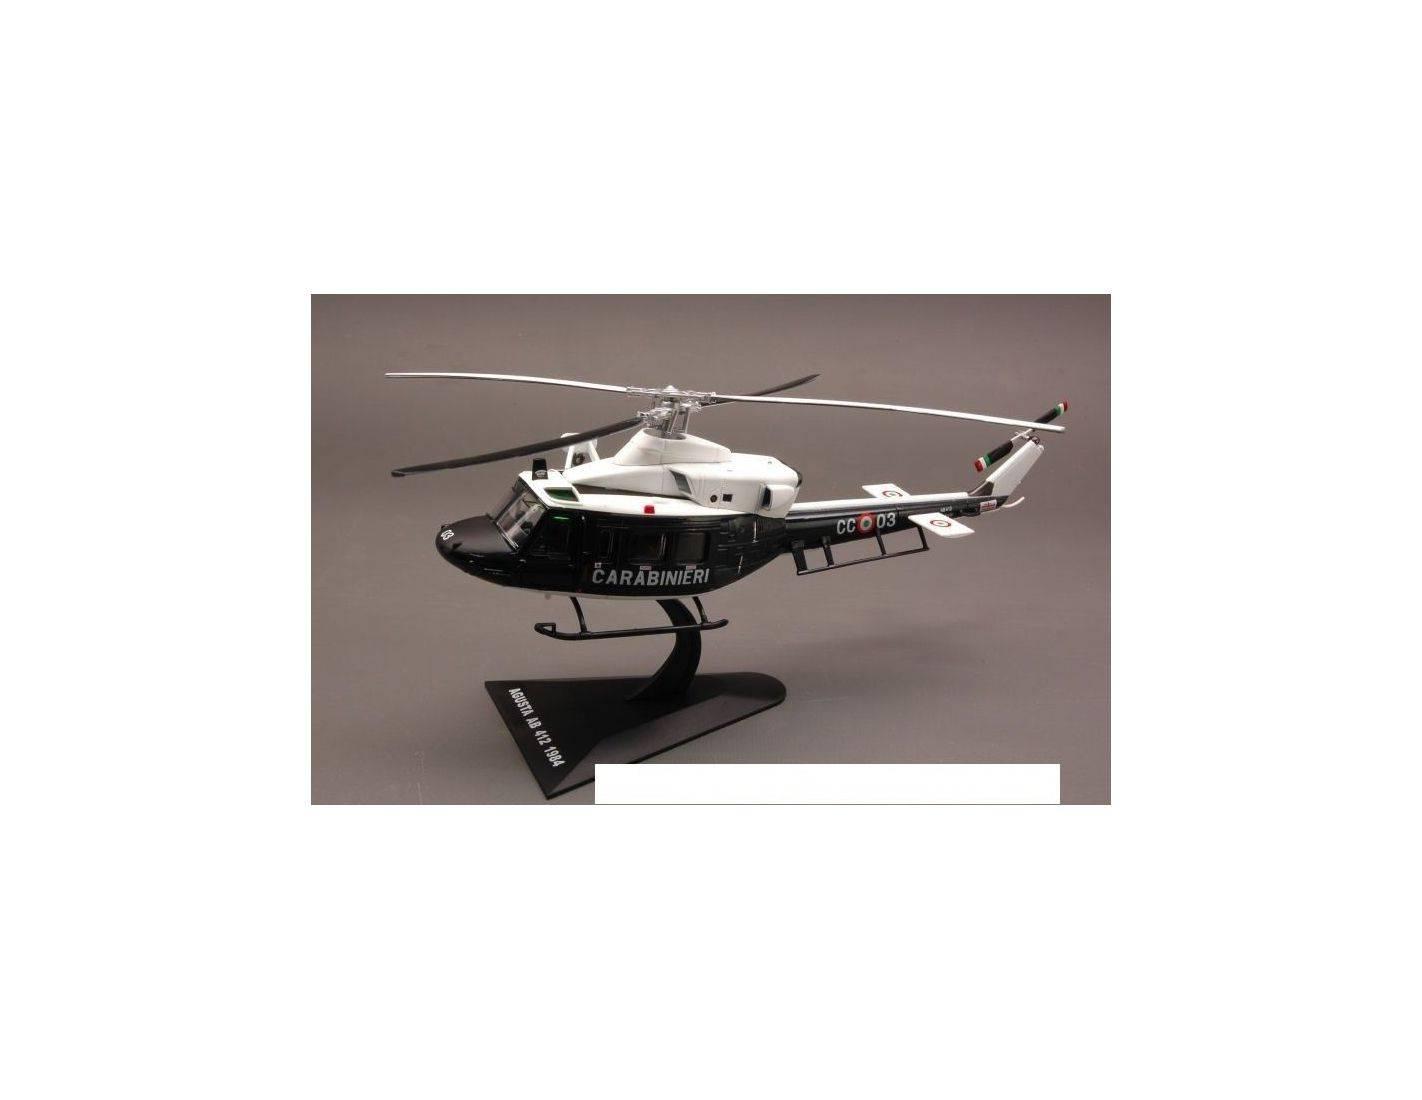 Elicottero Agusta : Modellino edi elicottero agusta ab